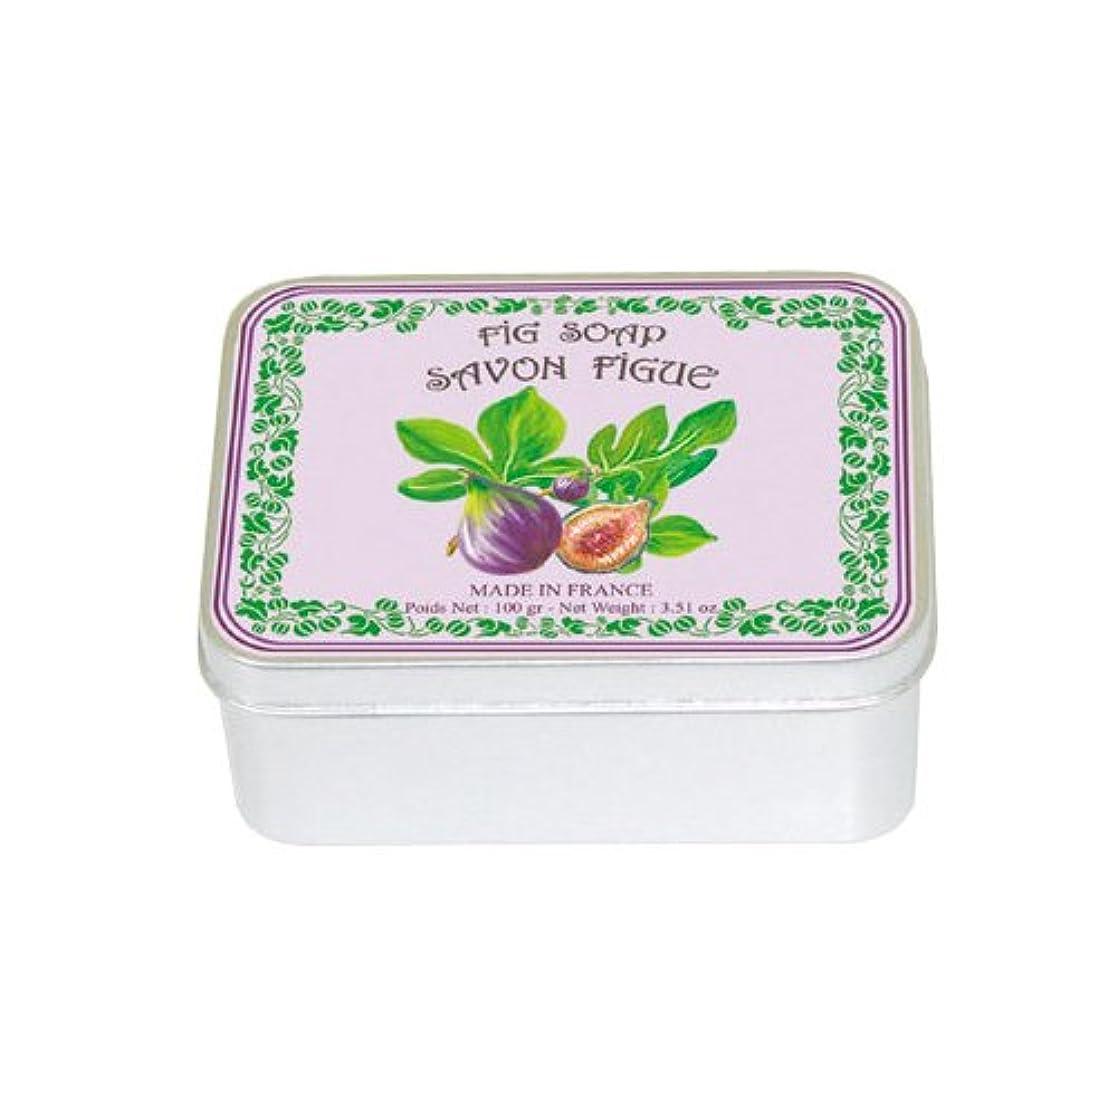 ルブランソープ メタルボックス(イチジクの香り)石鹸